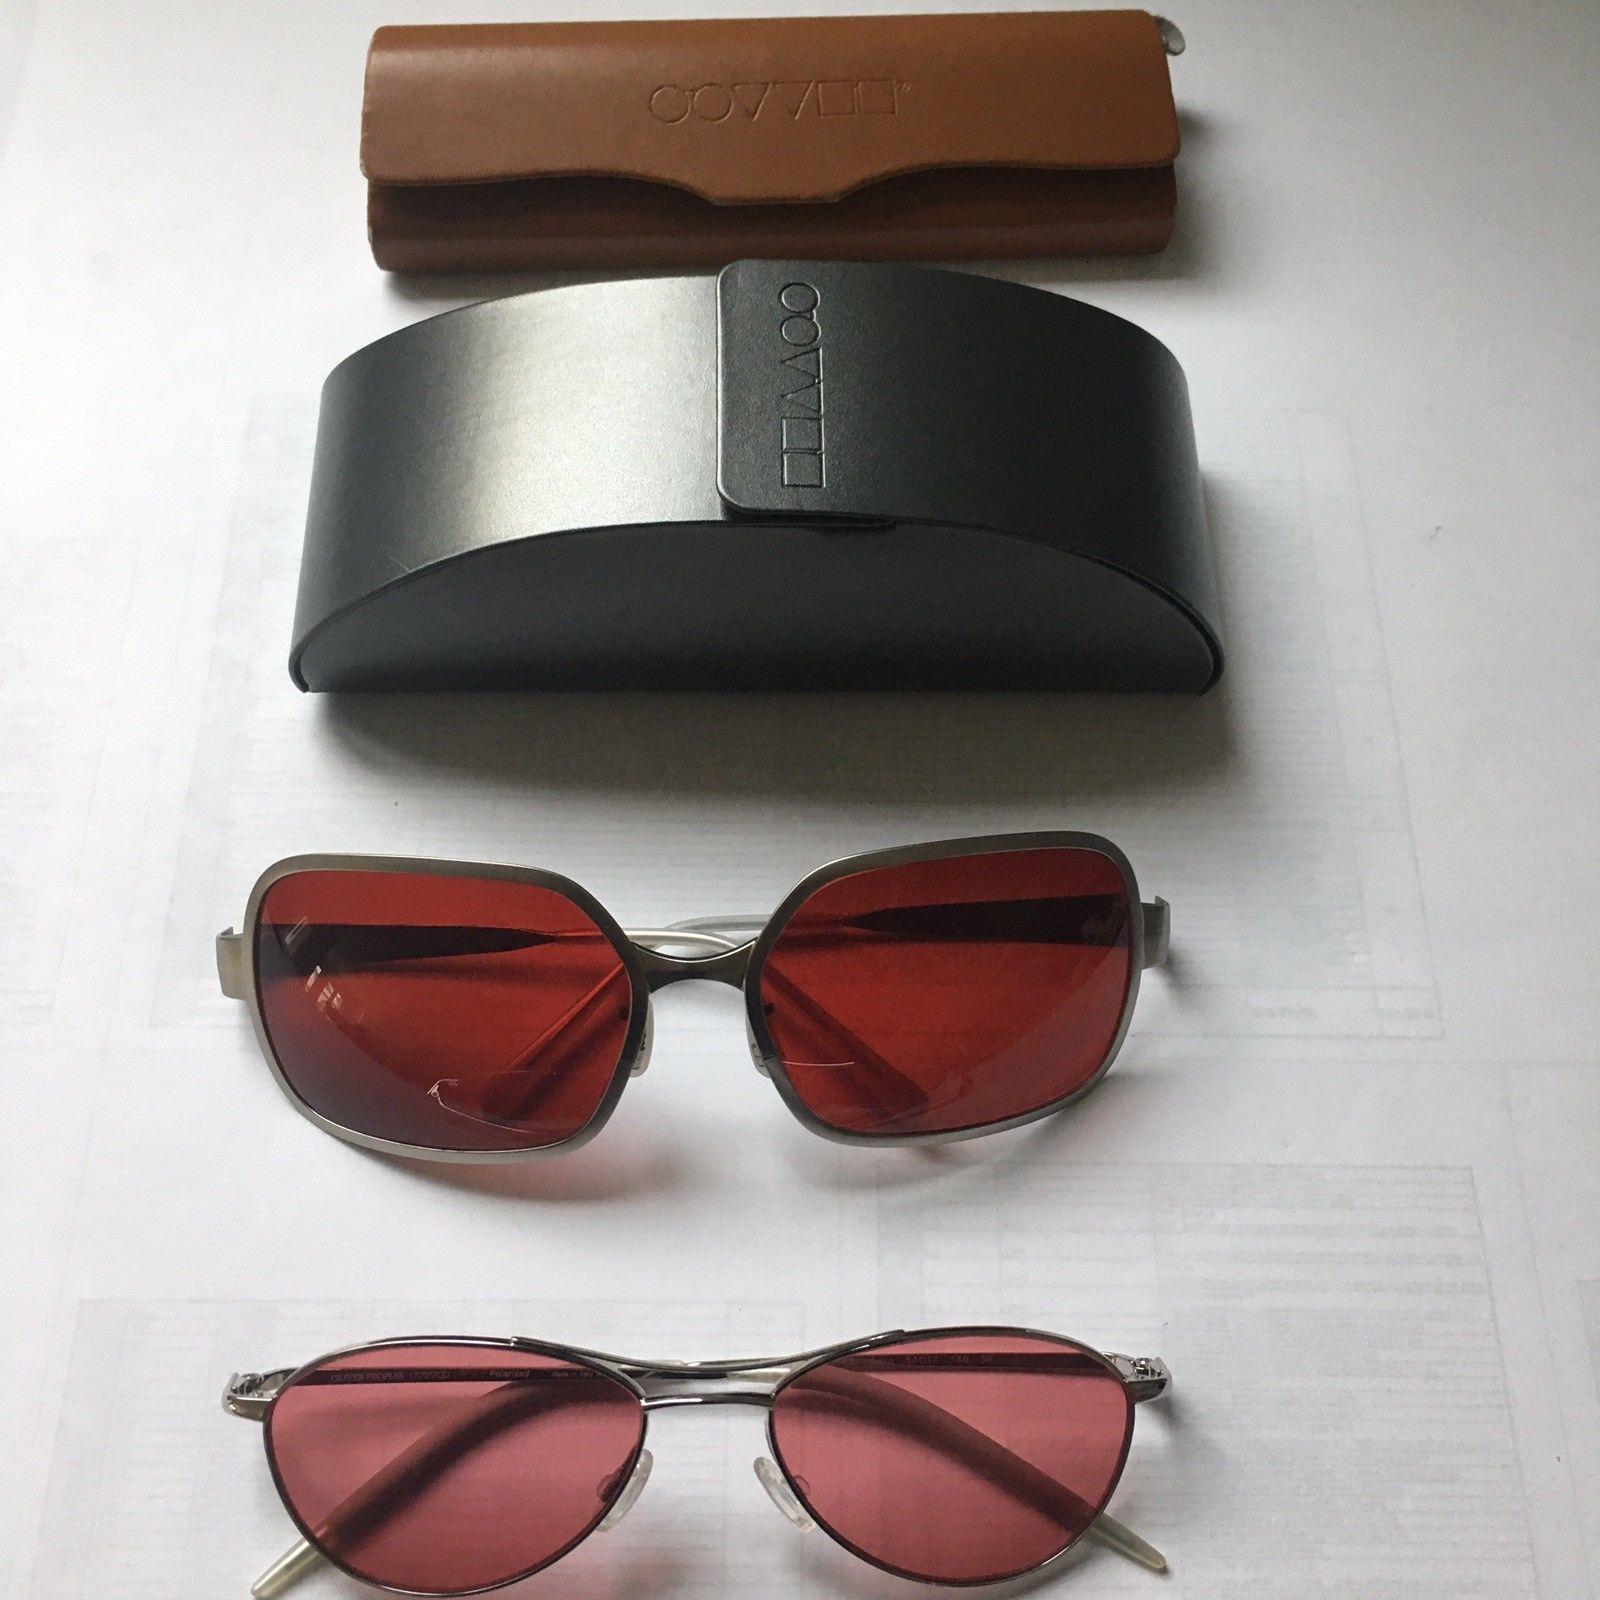 f26e36670cd5c0 Les paires de lunettes de soleil Oliver Peoples, utilisées par Brad Pitt  dans Fight Club, boîtes de protection incluses, ont été vendues à 1099  !